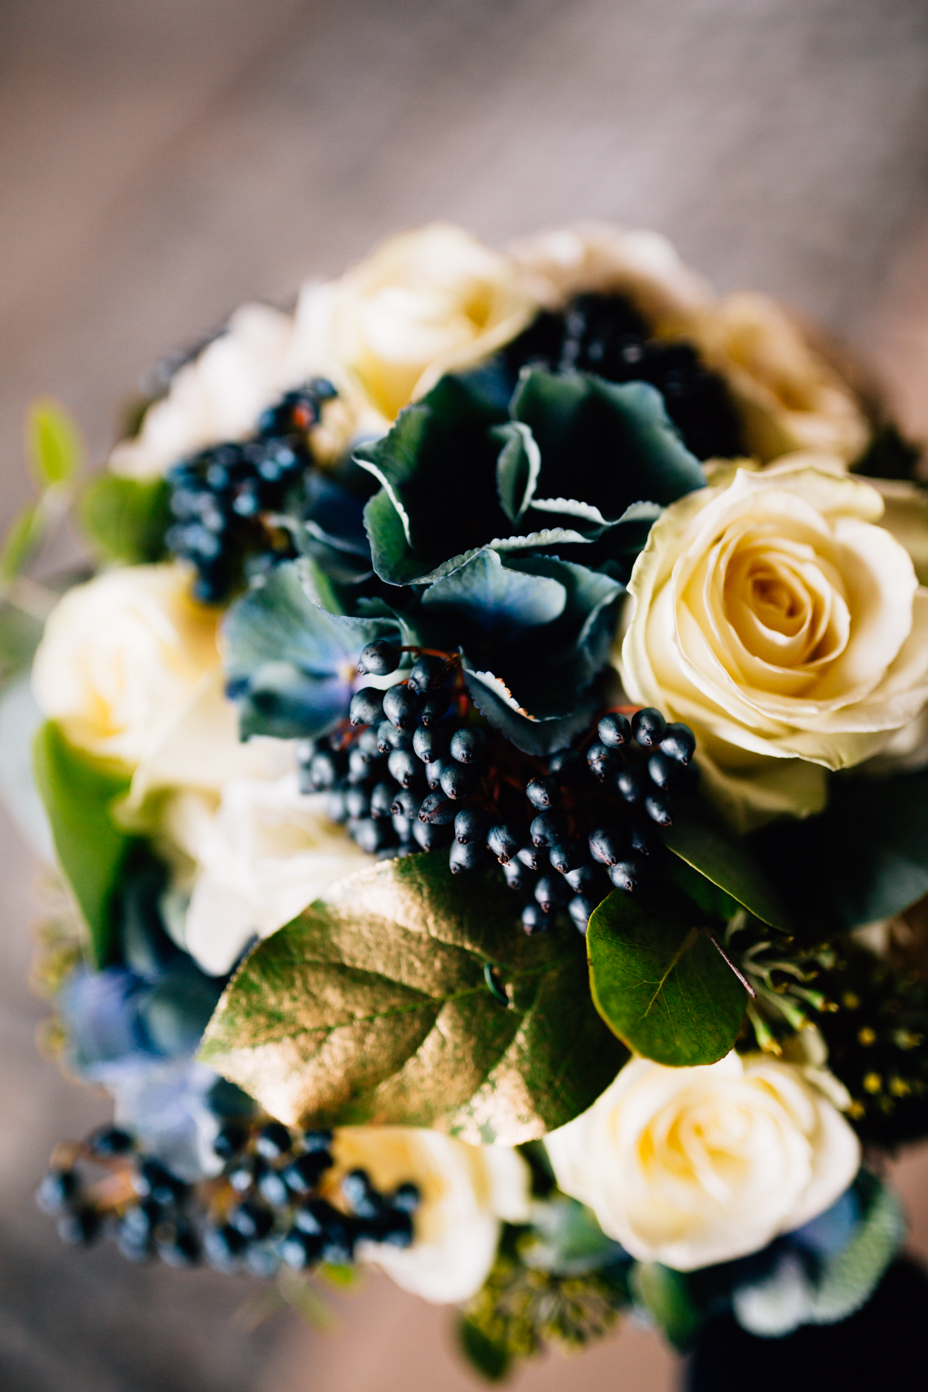 Hochzeitsfotograf-Kassel-Orangerie-Inka Englisch Photography-Hochzeitsreportage-Aue-Wedding-Photographer-Lifestyle-Storytelling-48